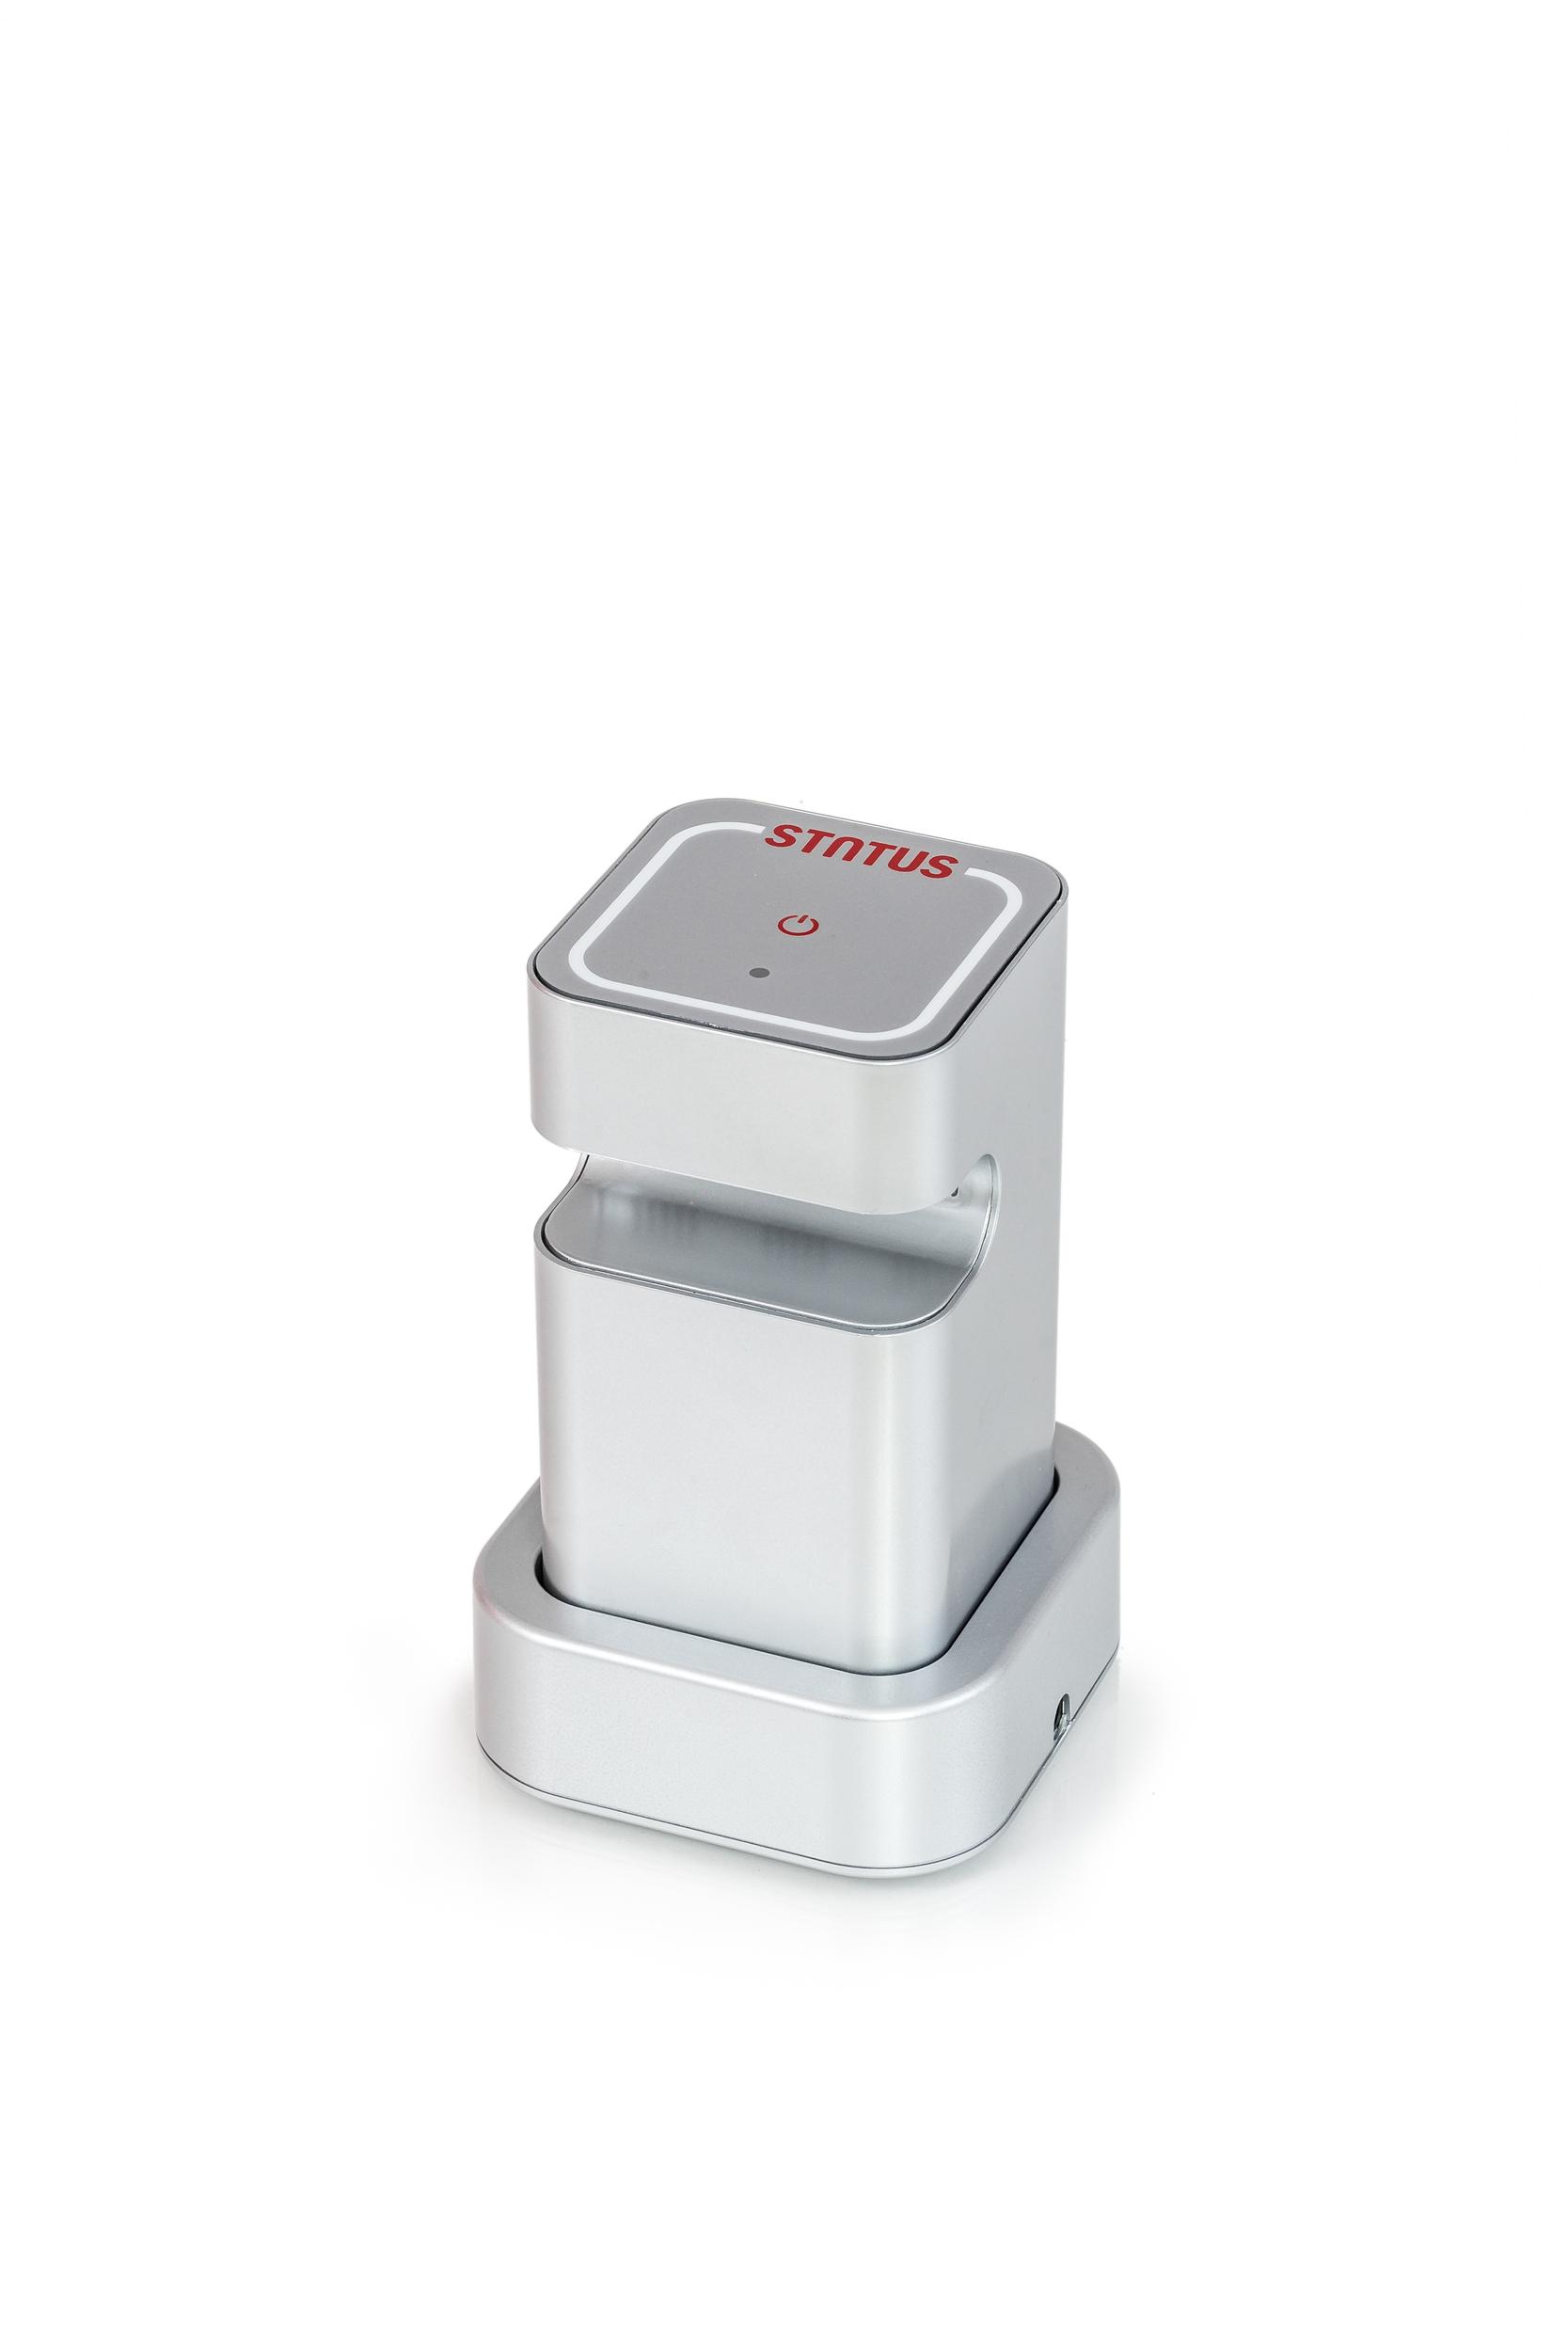 Pompe electrique pro batterie boites sous vide status